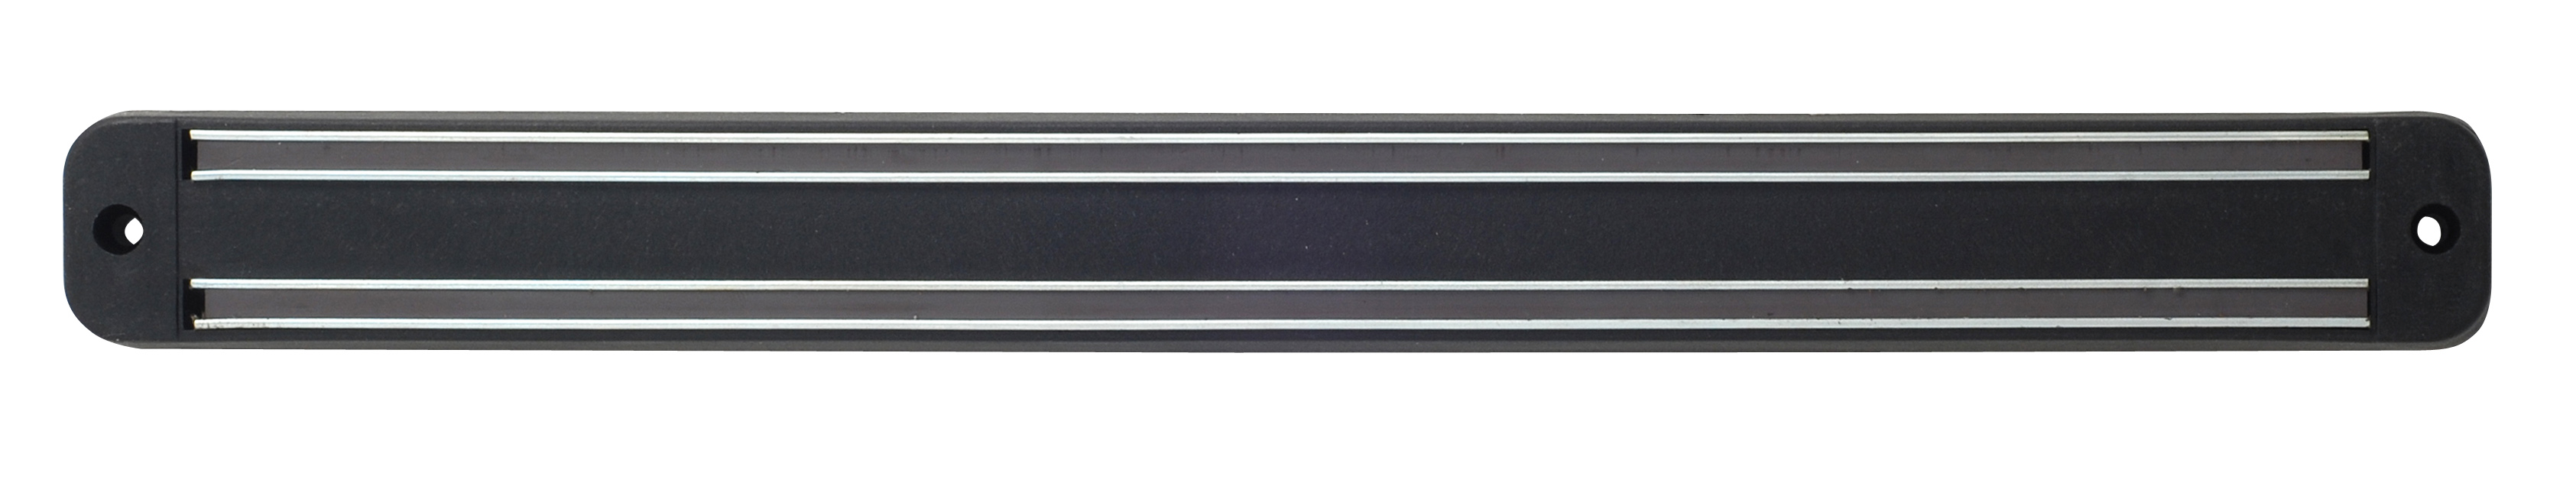 Metaltex MX258198 Magnetika mágneses késtartó, 33 cm széles